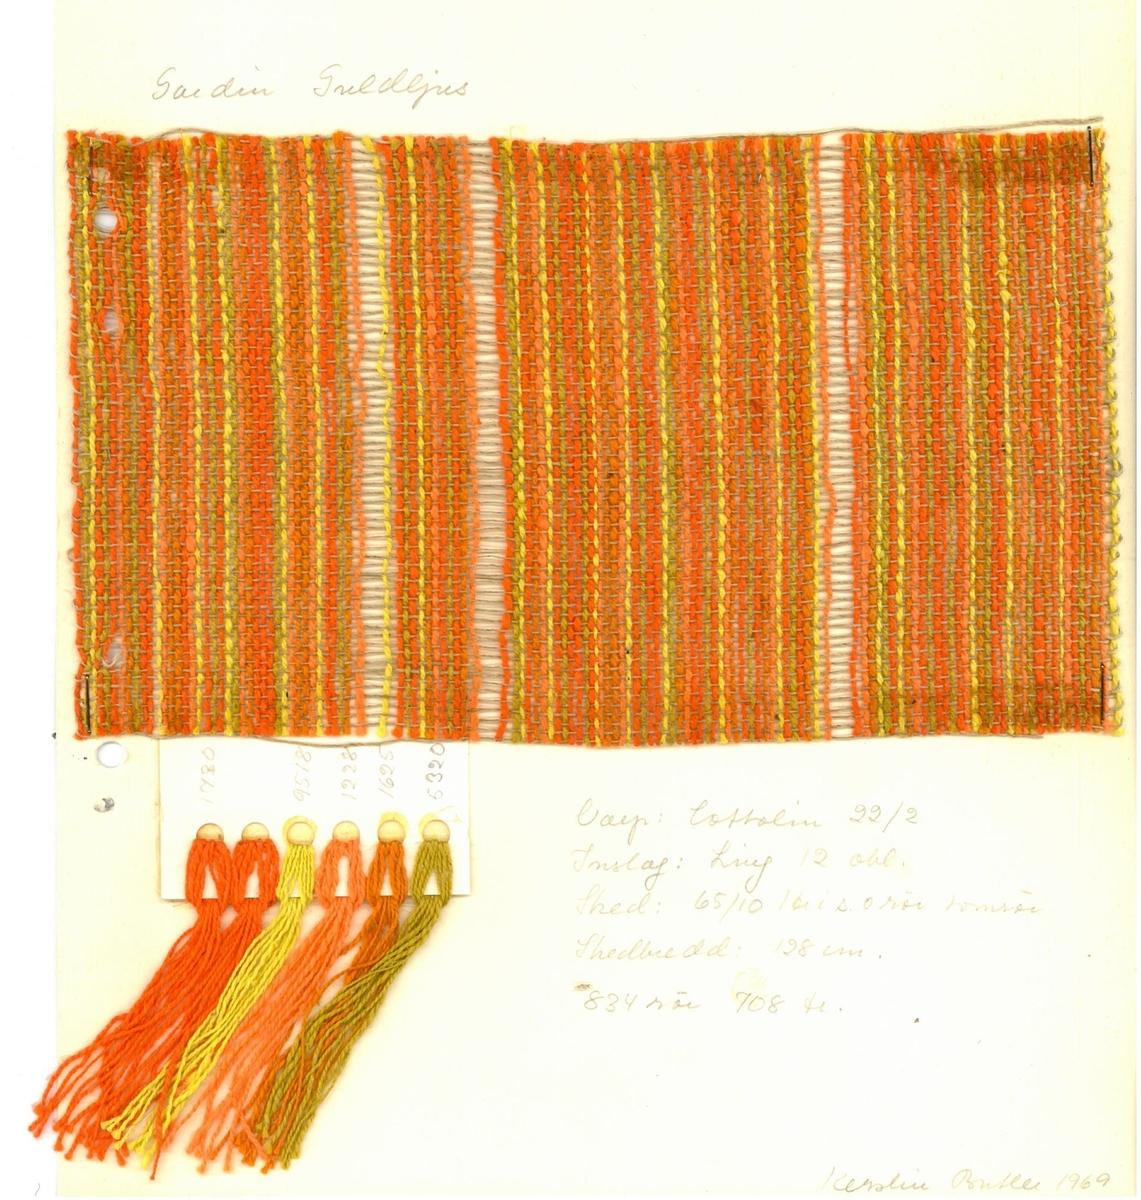 """Pärm med vävprover till gardiner. Gardin """"Guldljus"""" Formgivare: Kerstin Butler 1961-1969"""